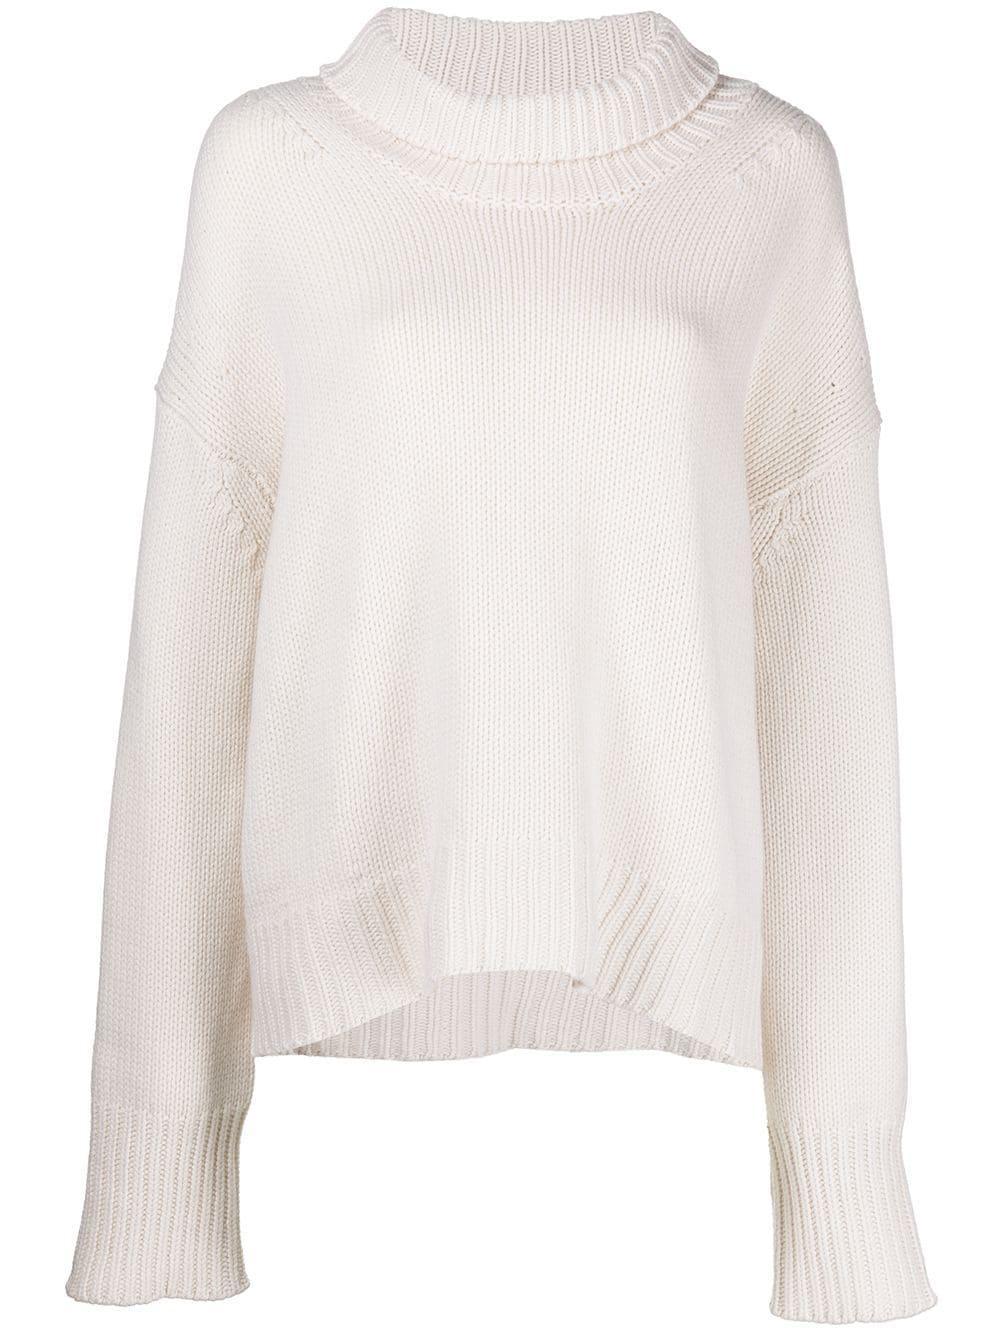 Scarlett Turtleneck Sweater